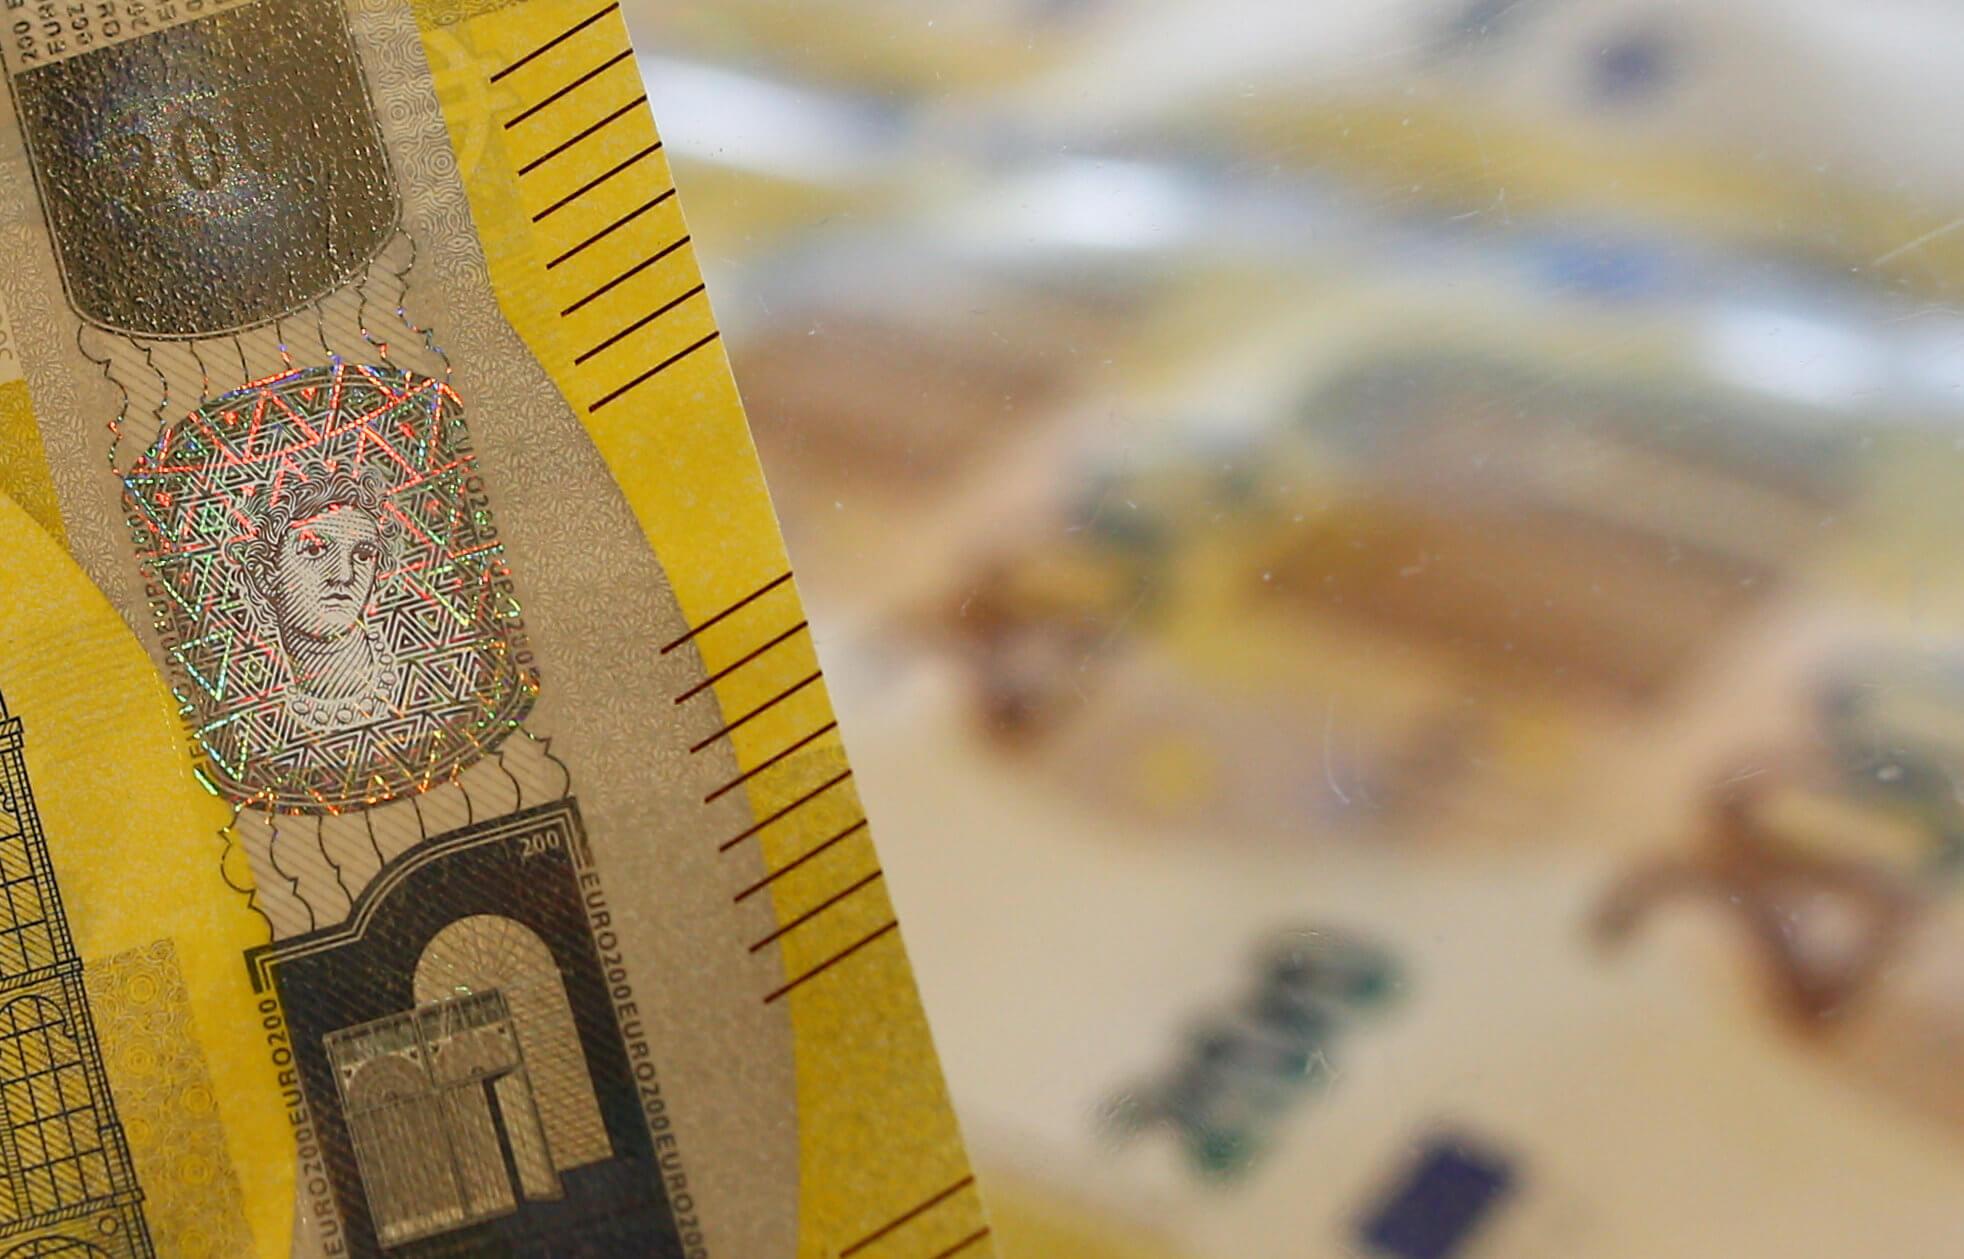 Ψάχνοντας λεφτά στις αγορές! Έξοδος με 10ετές μέσα στις επόμενες εβδομάδες